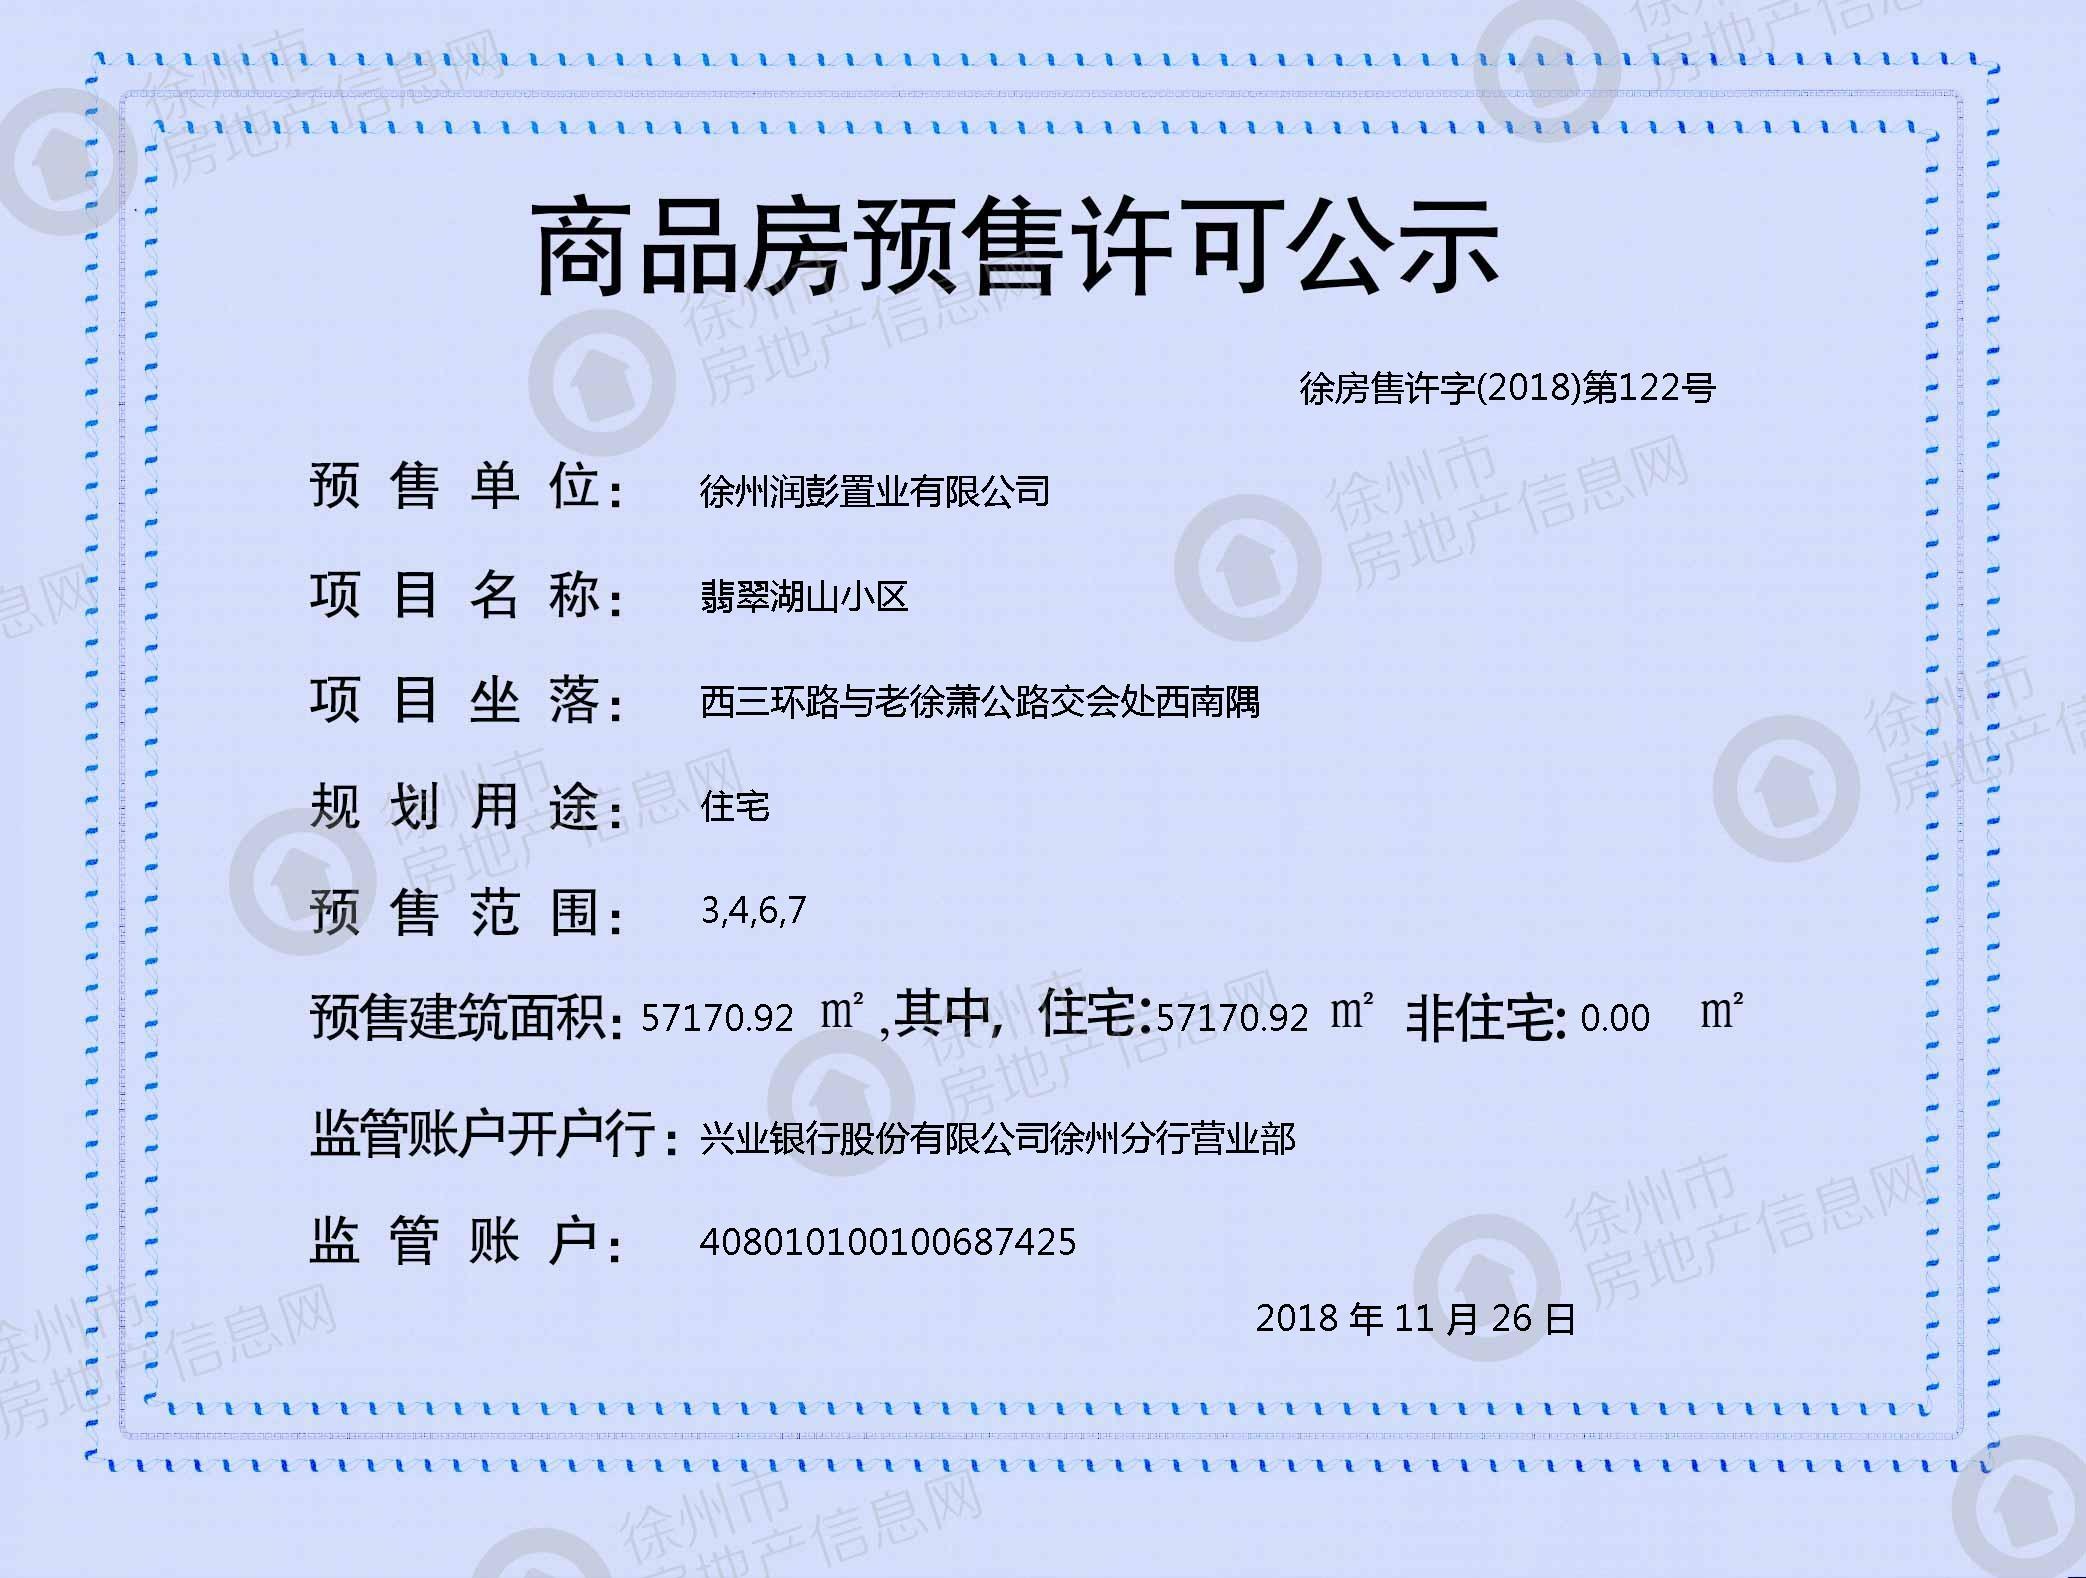 万科翡翠湖山预售证 预售范围3、4、6、7#楼(11.26)